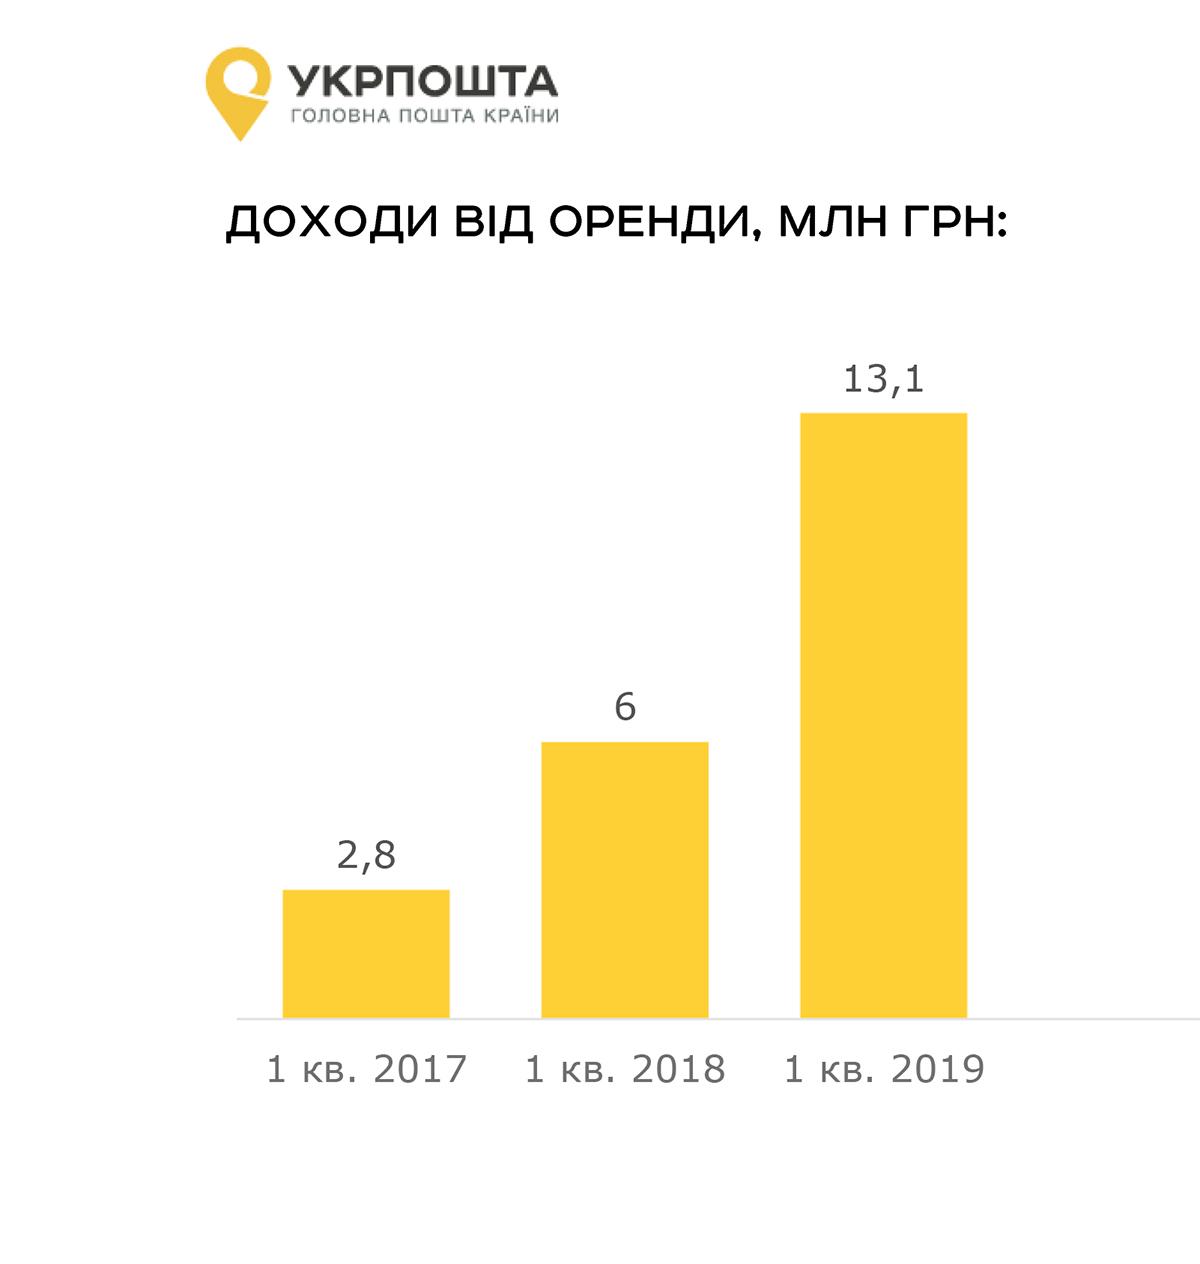 Понад 13 млн гривень заробила Укрпошта на оренді у першому кварталі 2019 року